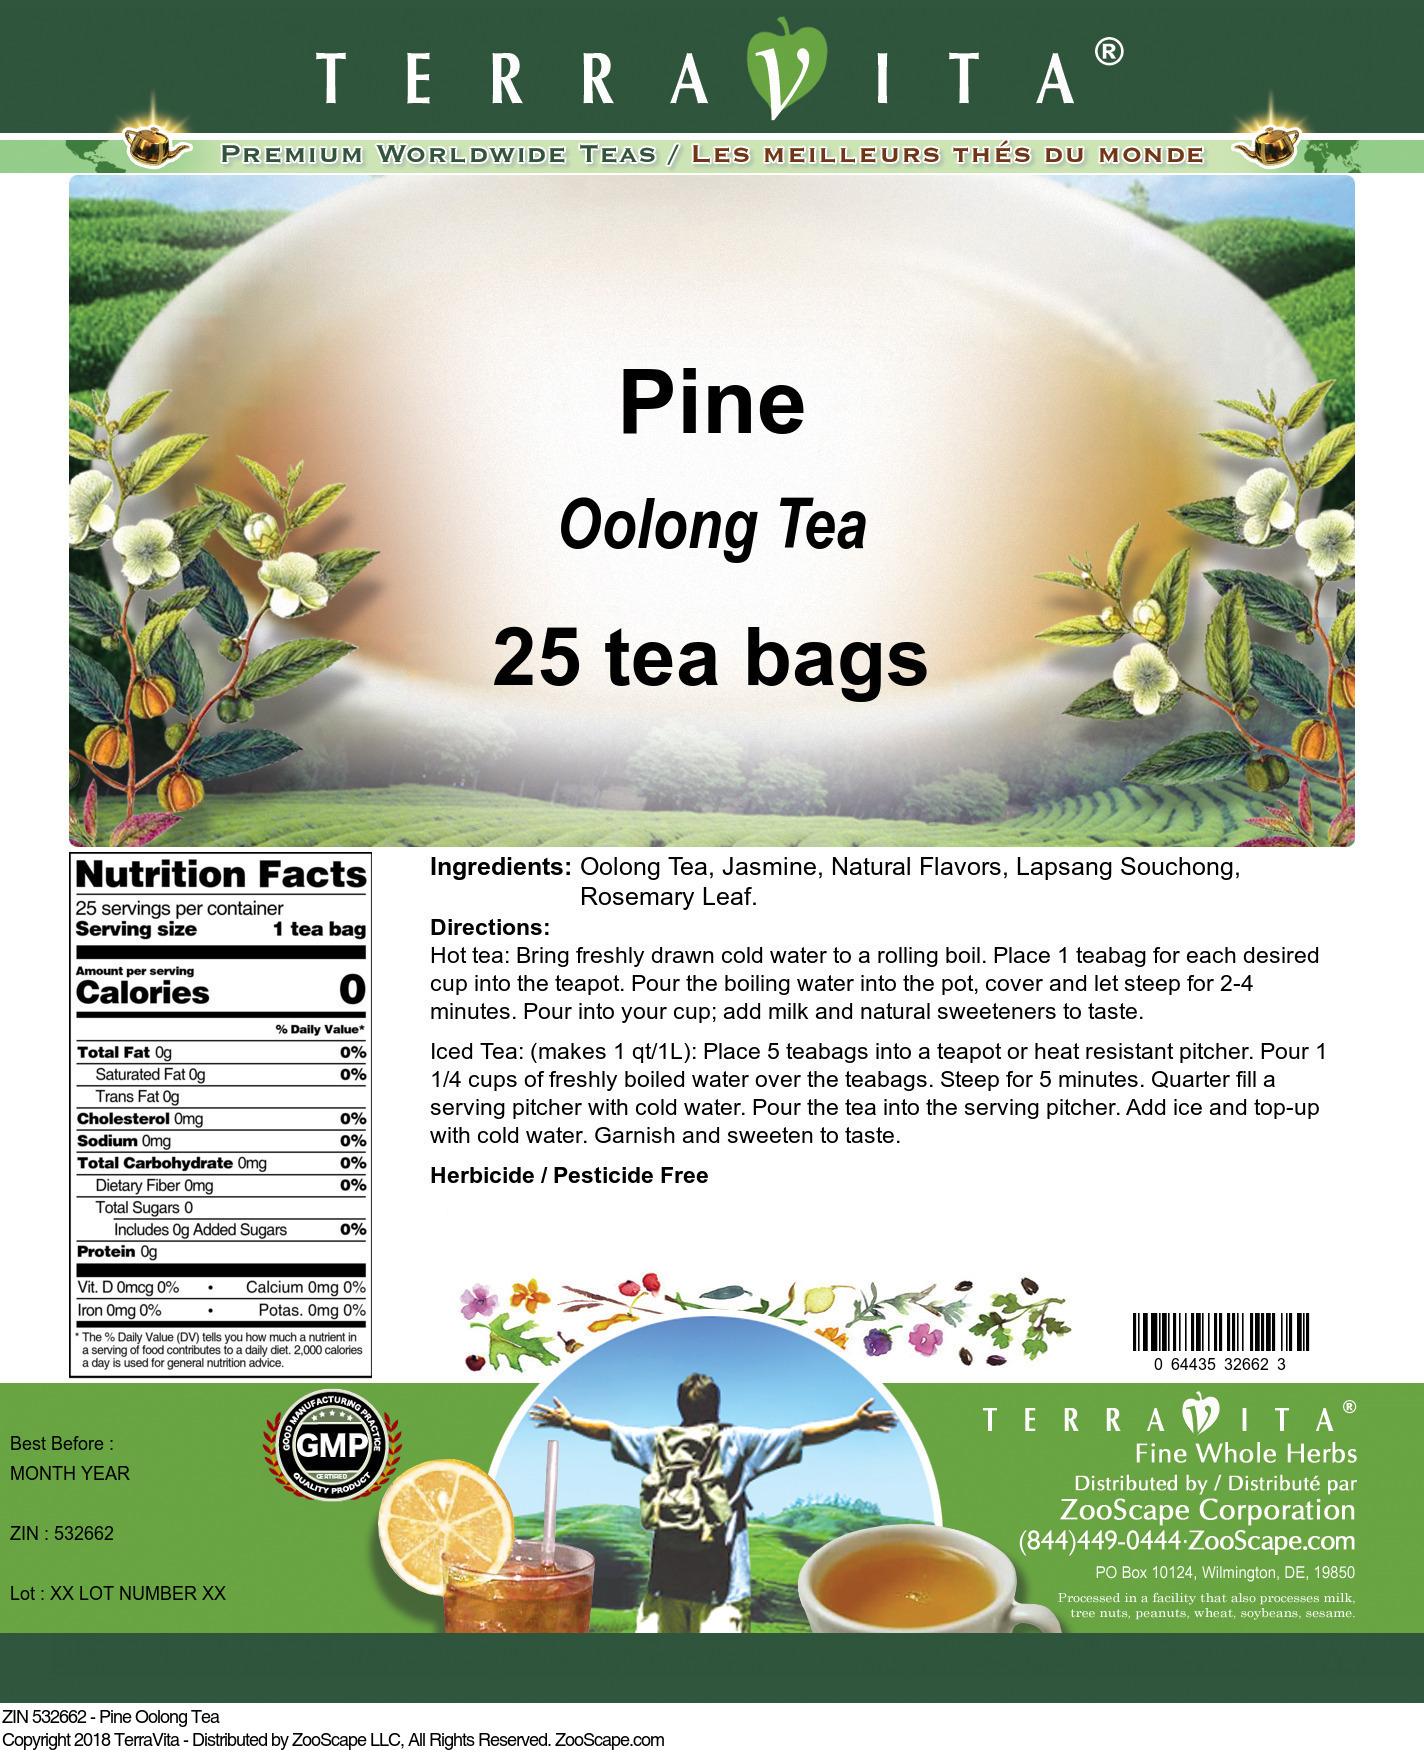 Pine Oolong Tea